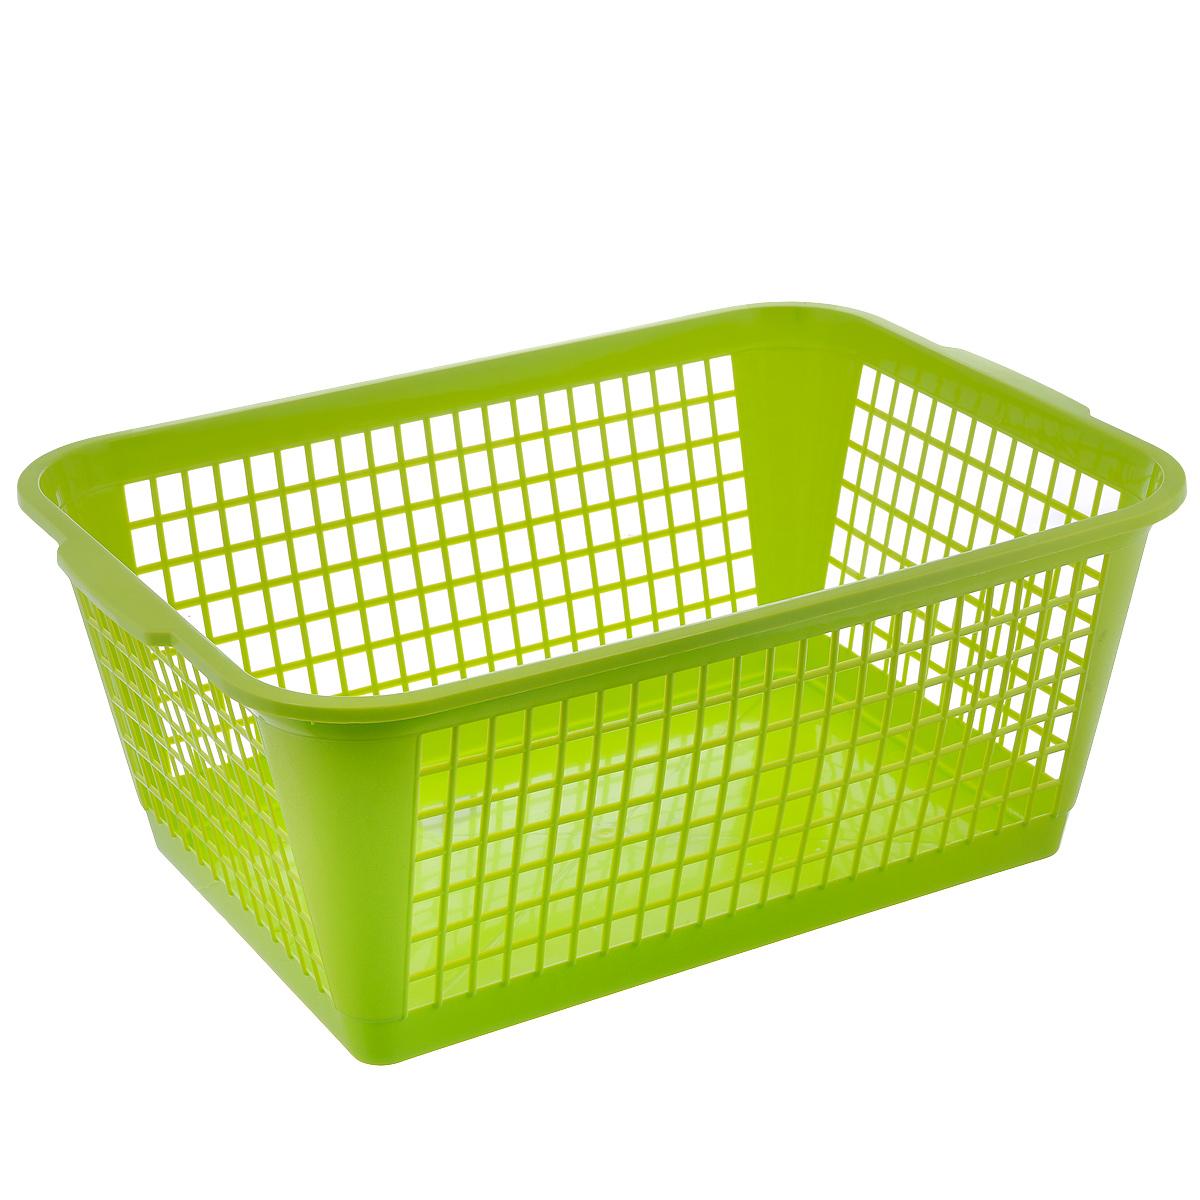 Корзина Gensini, цвет: салатовый, 50 лTD 0033Универсальная корзина Gensini, выполненная из полипропилена, предназначена для хранения мелочей в ванной, на кухне, даче или гараже. Позволяет хранить мелкие вещи, исключая возможность их потери. Легкая воздушная корзина с жесткой кромкой, с узором из отверстий в форме прямоугольников.